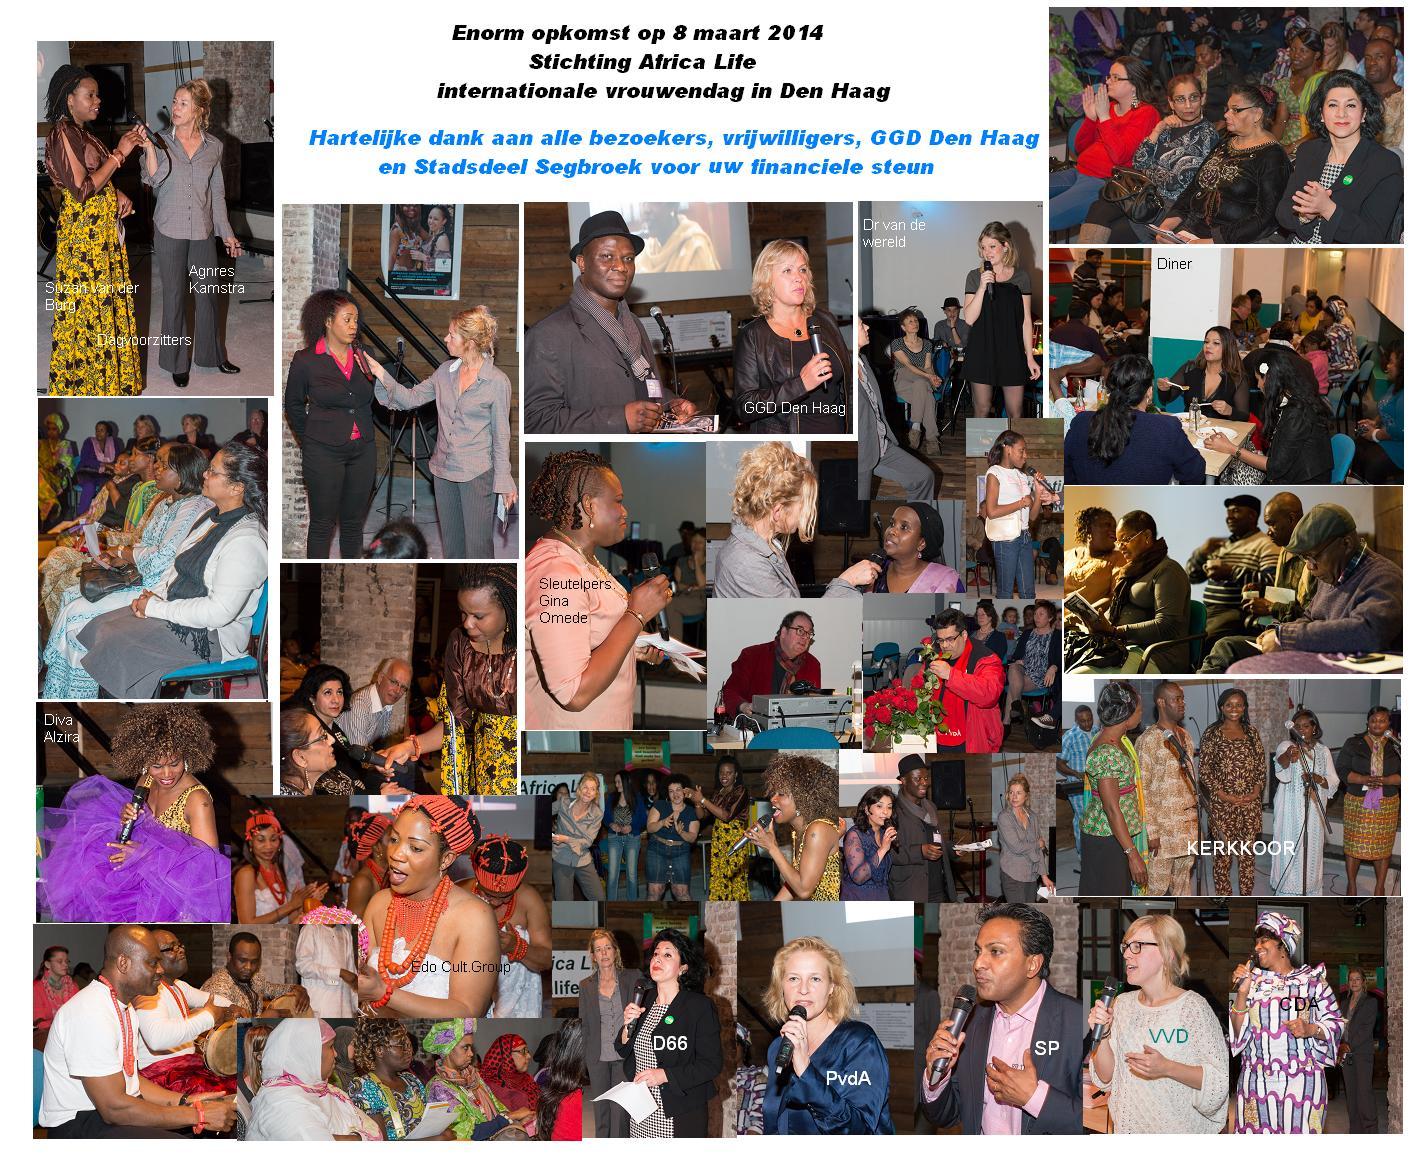 foto verslag 8 maart int.vrouwendag 2014